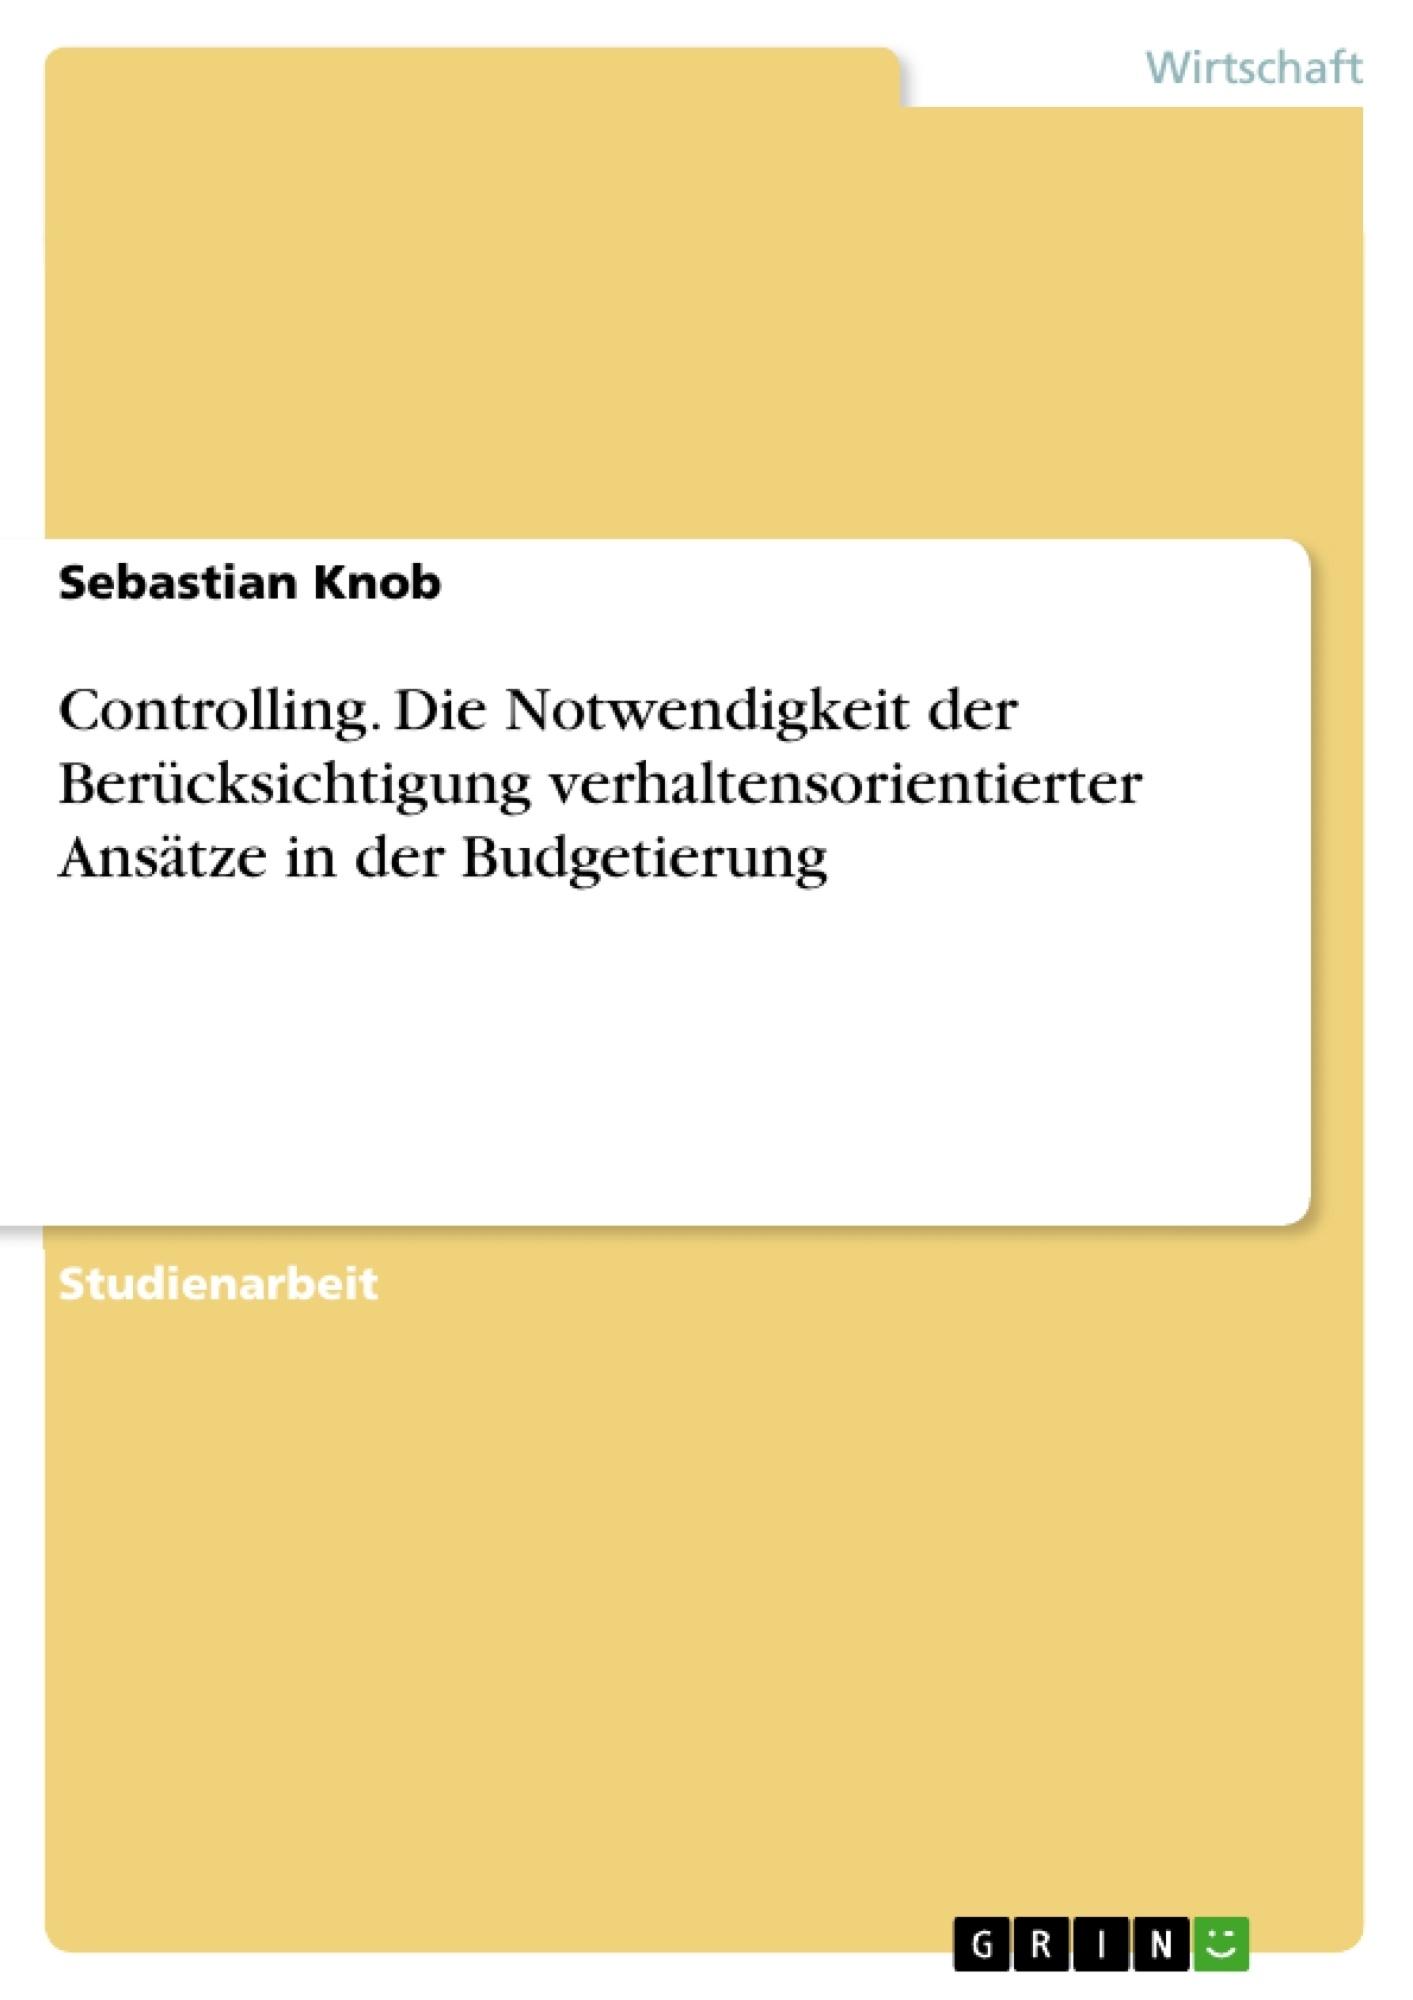 Titel: Controlling. Die Notwendigkeit der Berücksichtigung verhaltensorientierter Ansätze in der Budgetierung